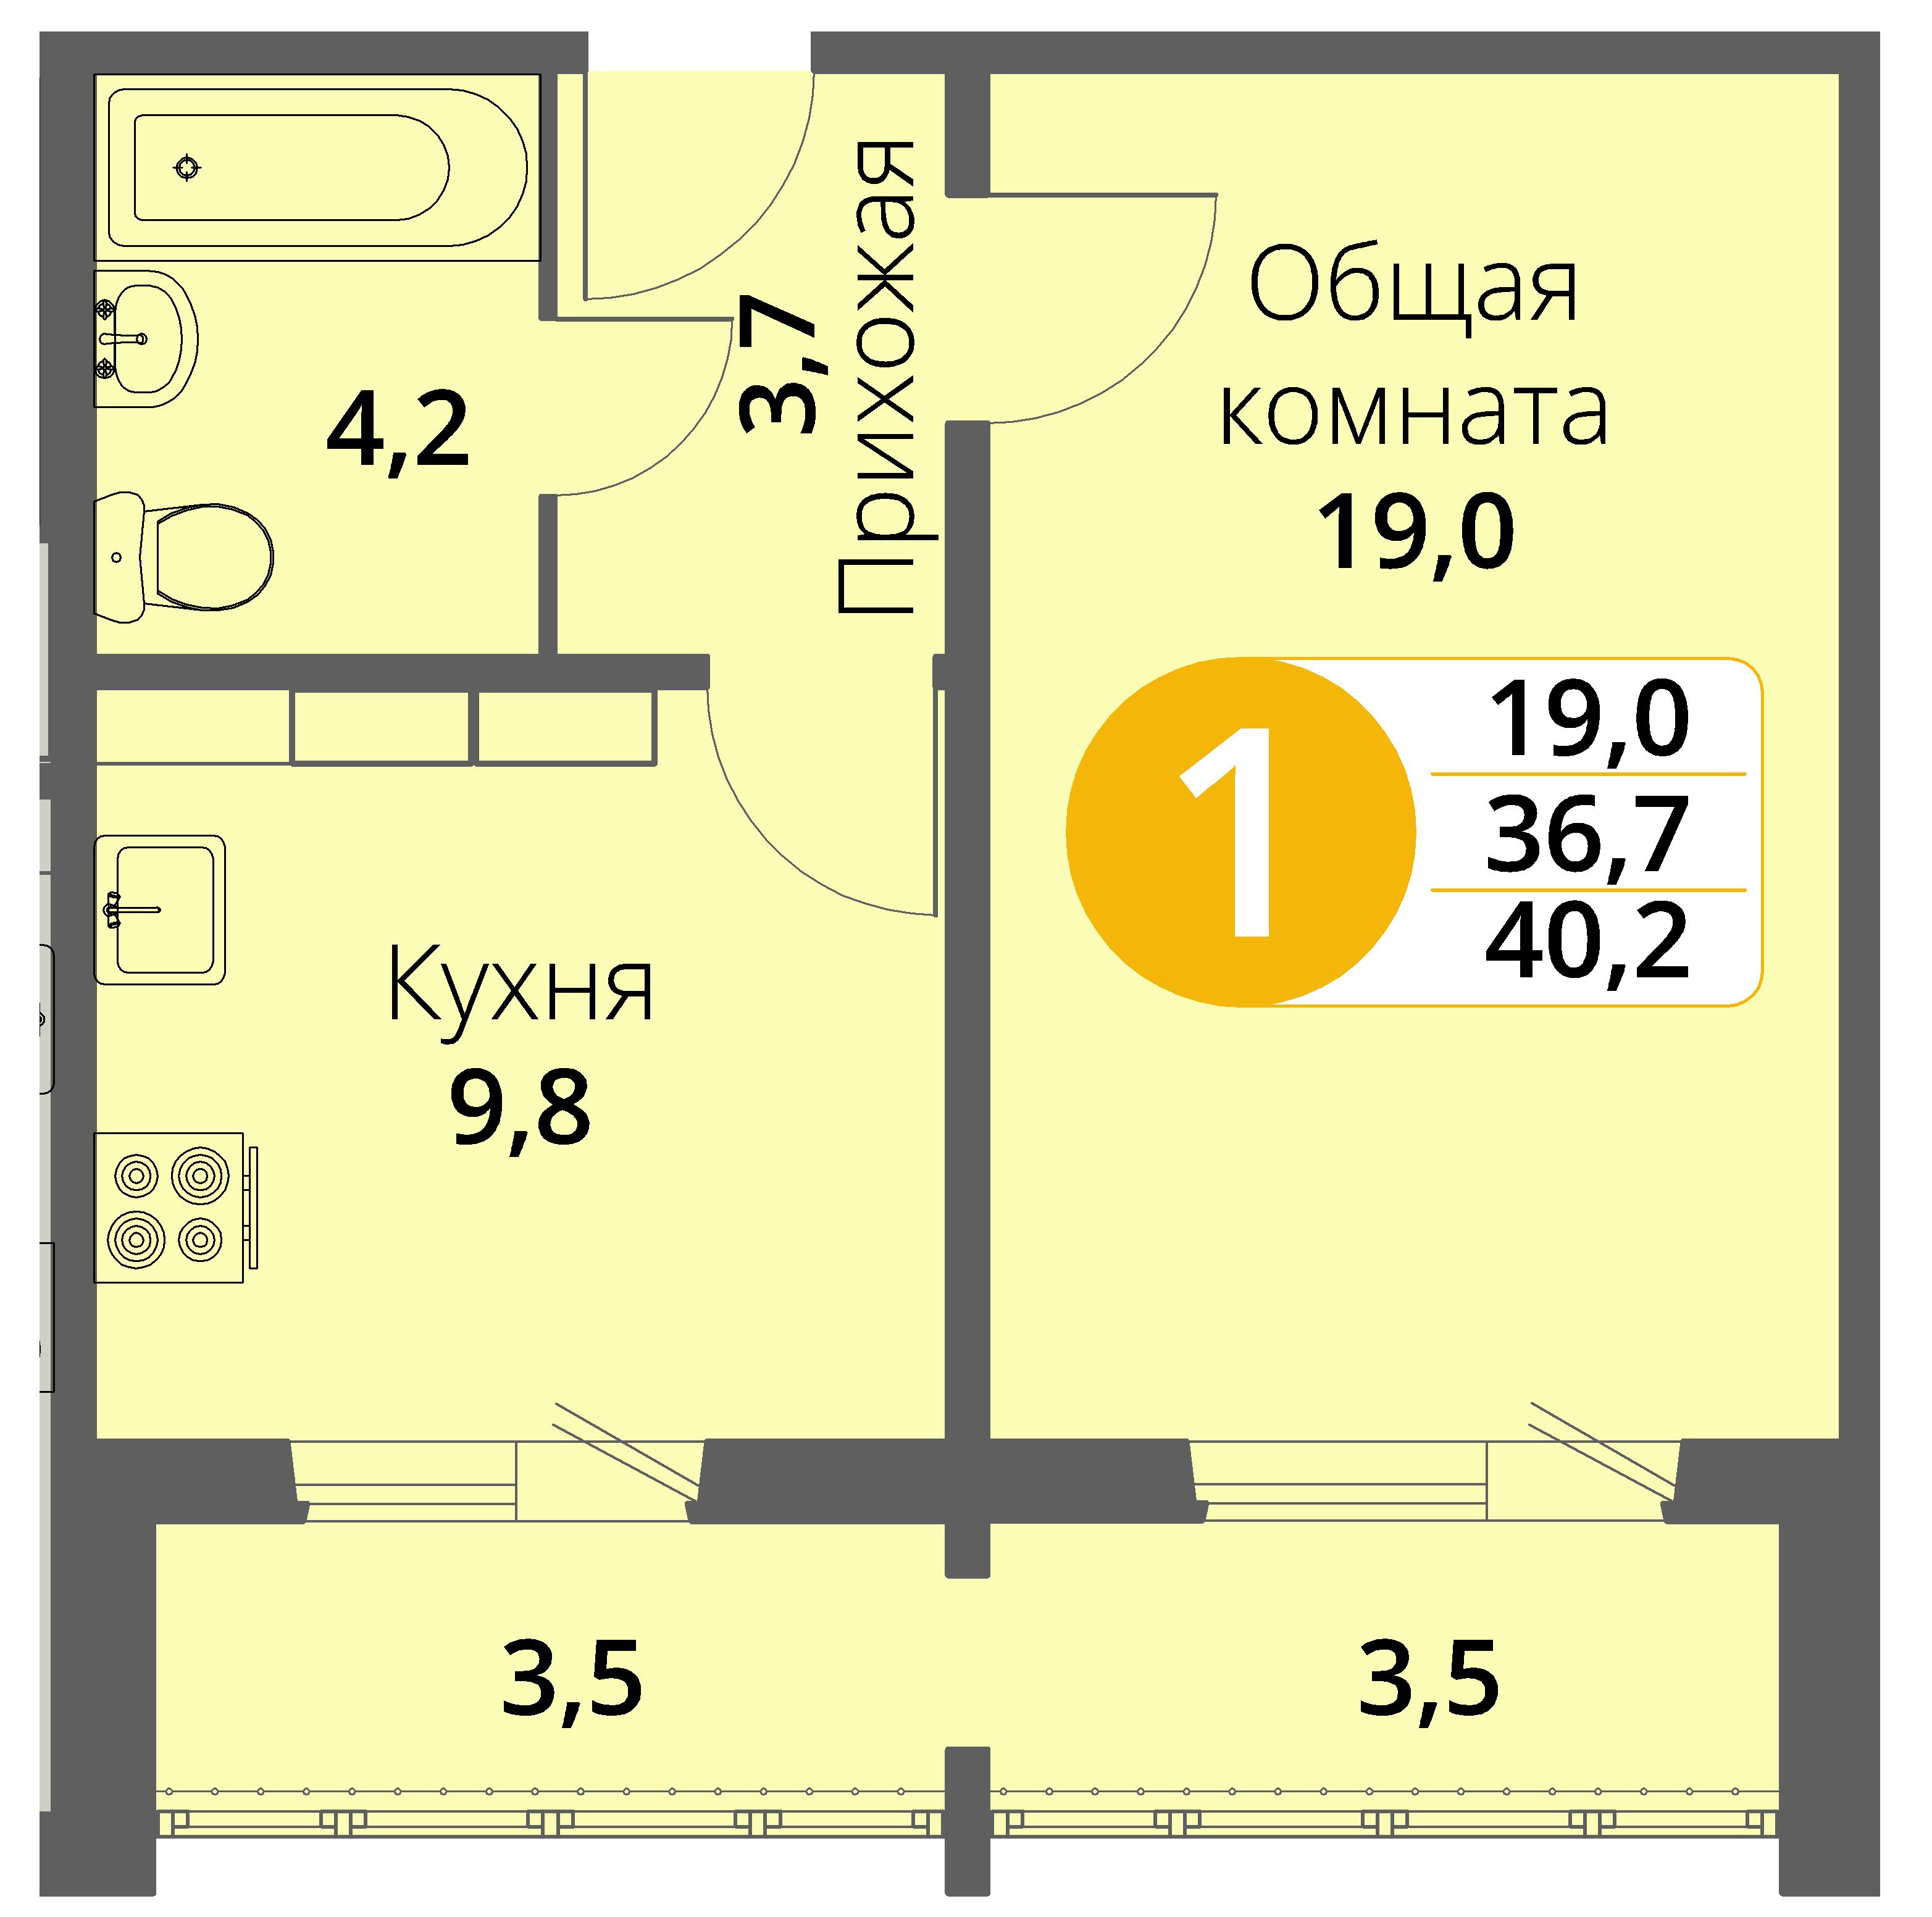 Зареченская 1-1, квартира 143 - Однокомнатная